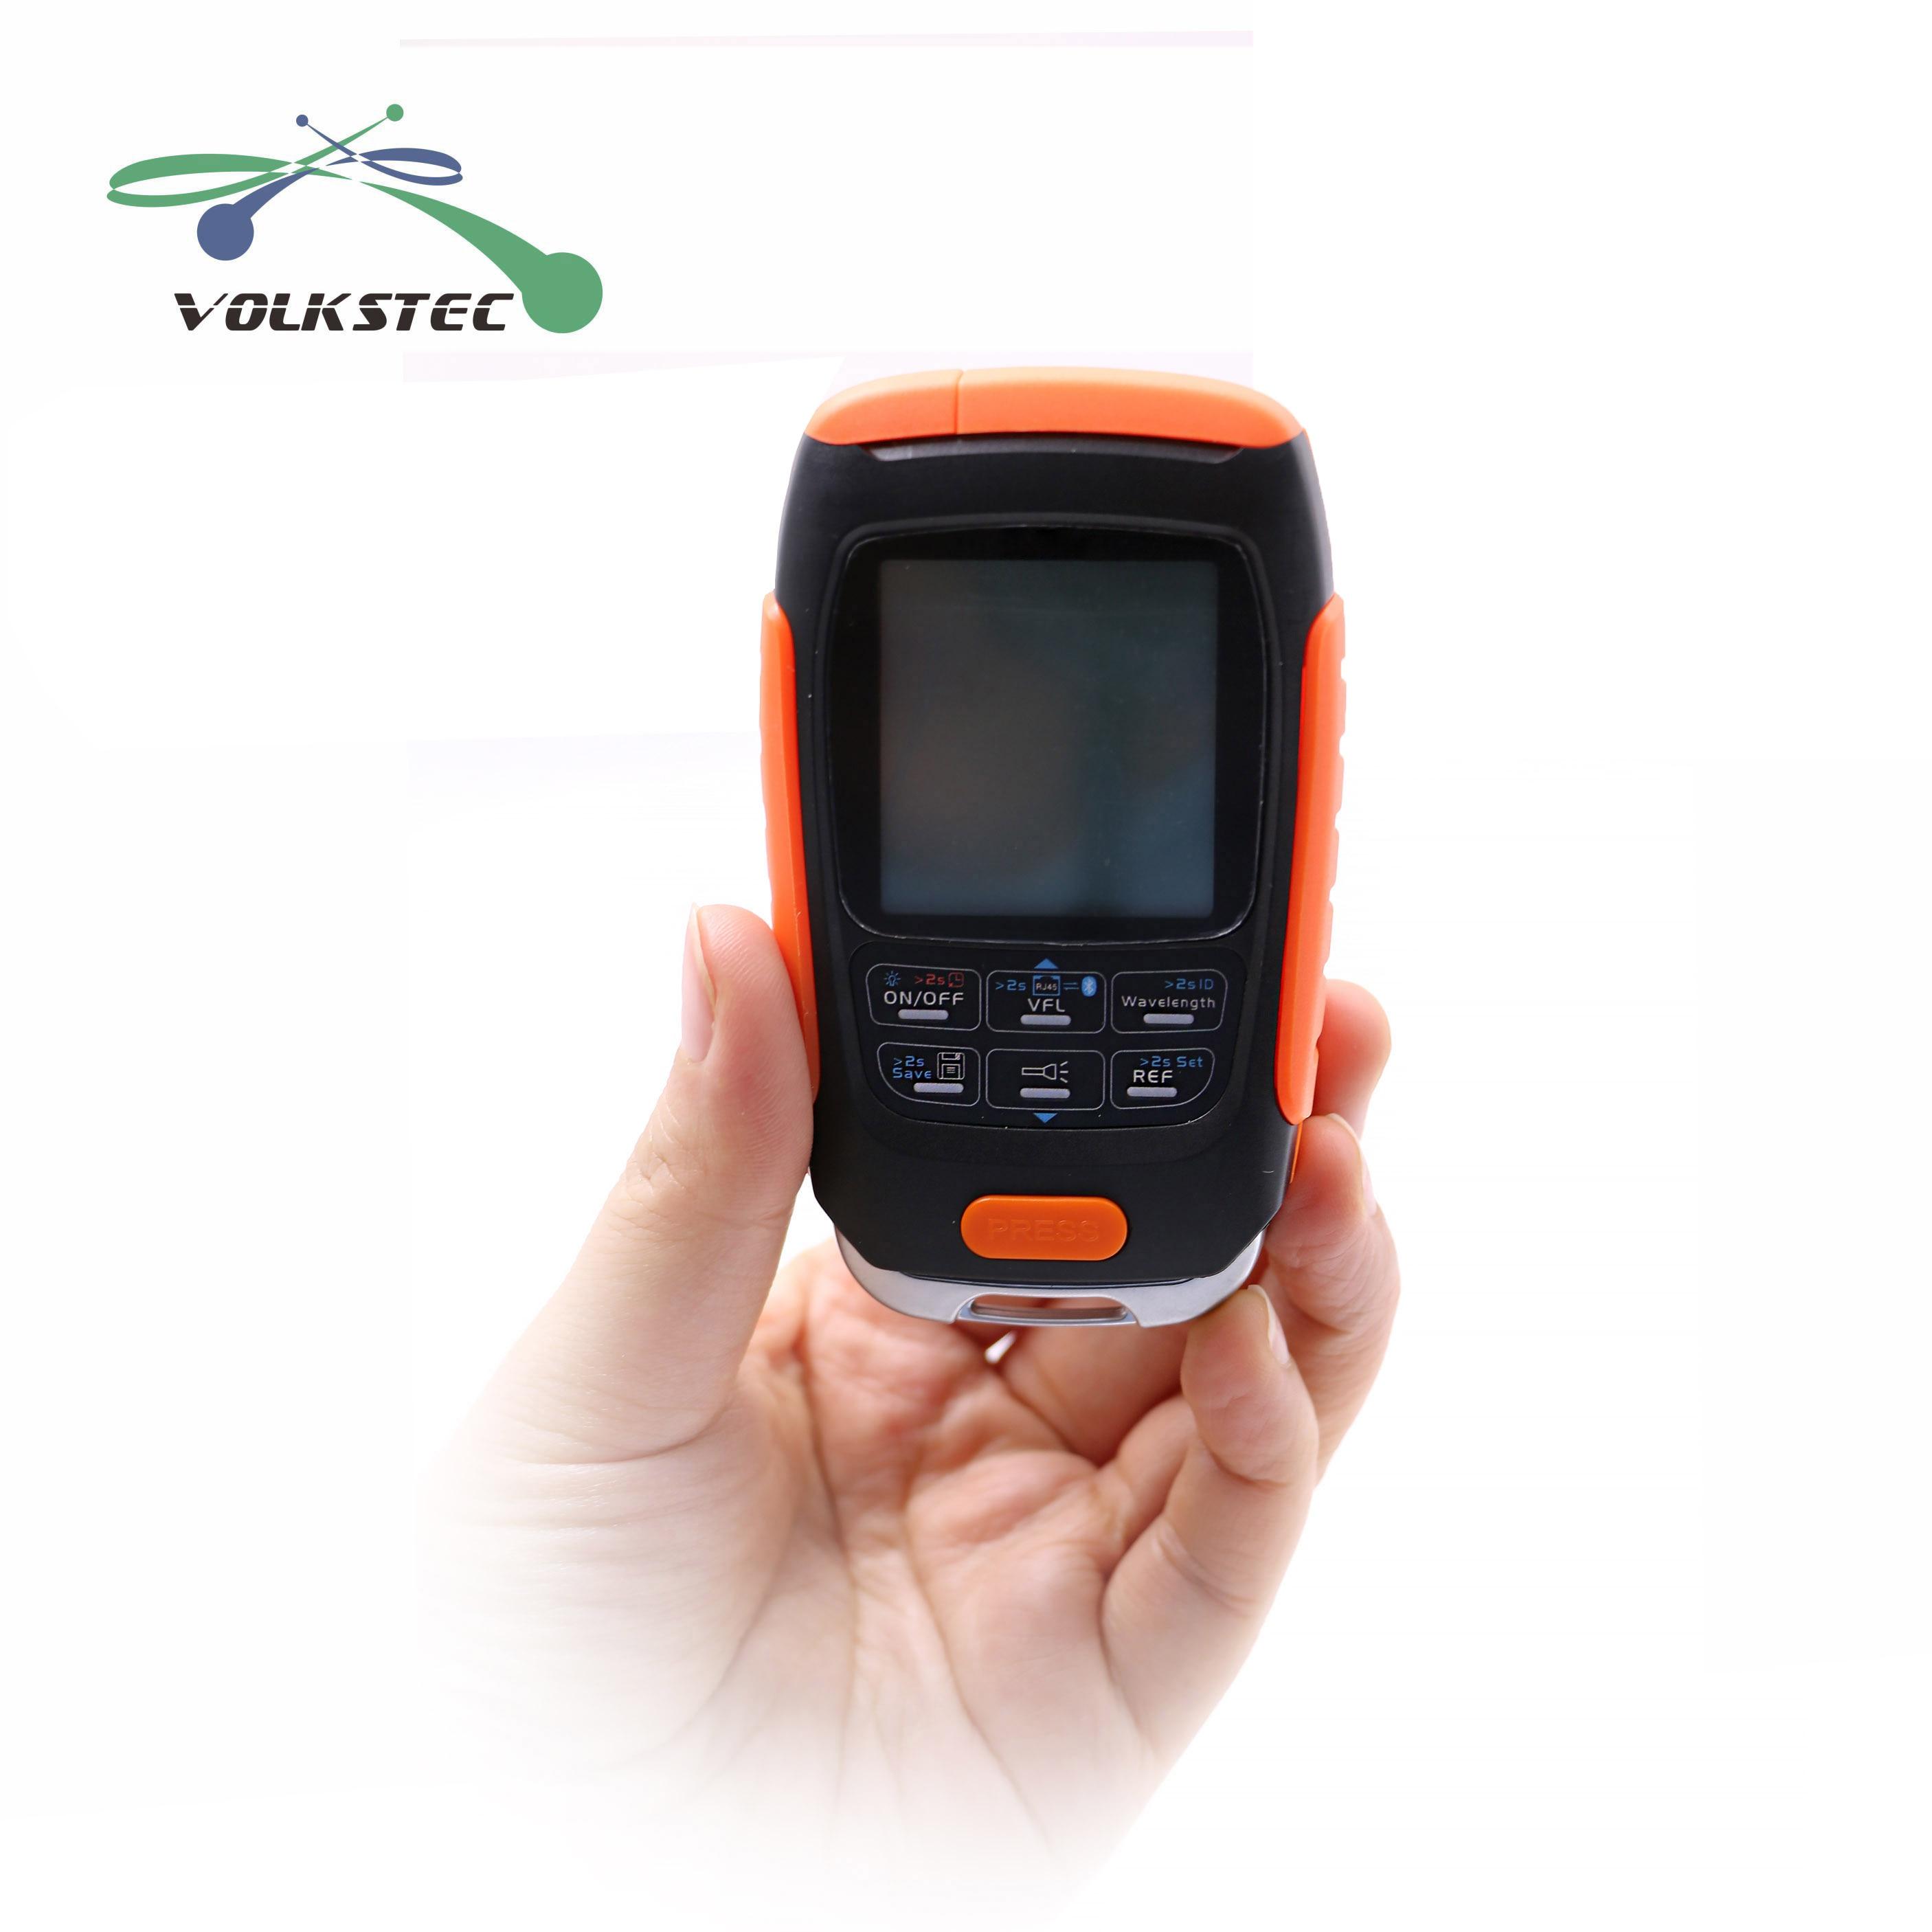 4in1 Li-lion Batterie Optische Power Meter Visual Fault Locator Netzwerk Kabel Test optische faser tester 5km 15km VFL Freies verschiffen